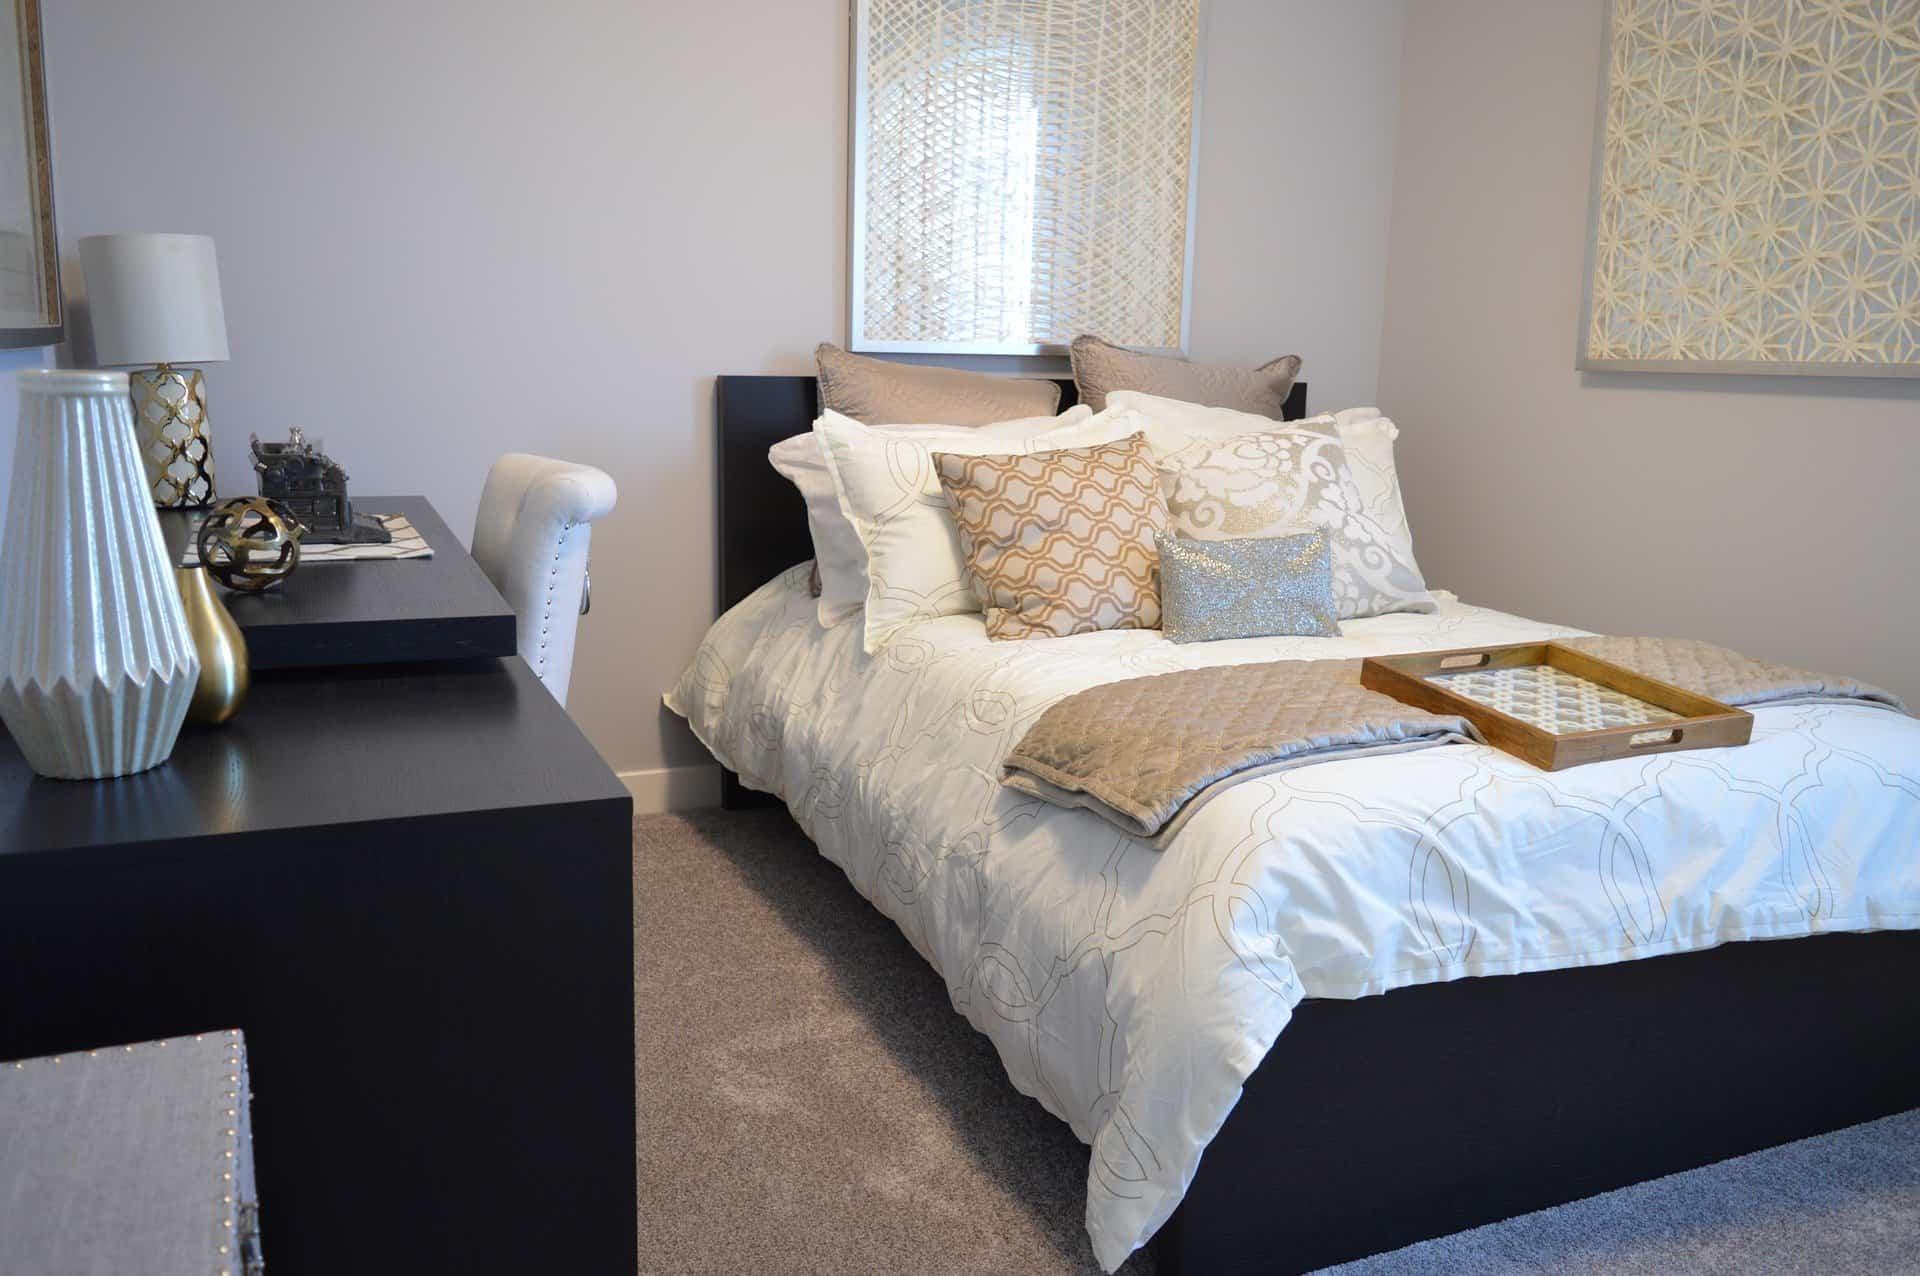 La tendencia de vestir los dormitorios con fundas nórdicas